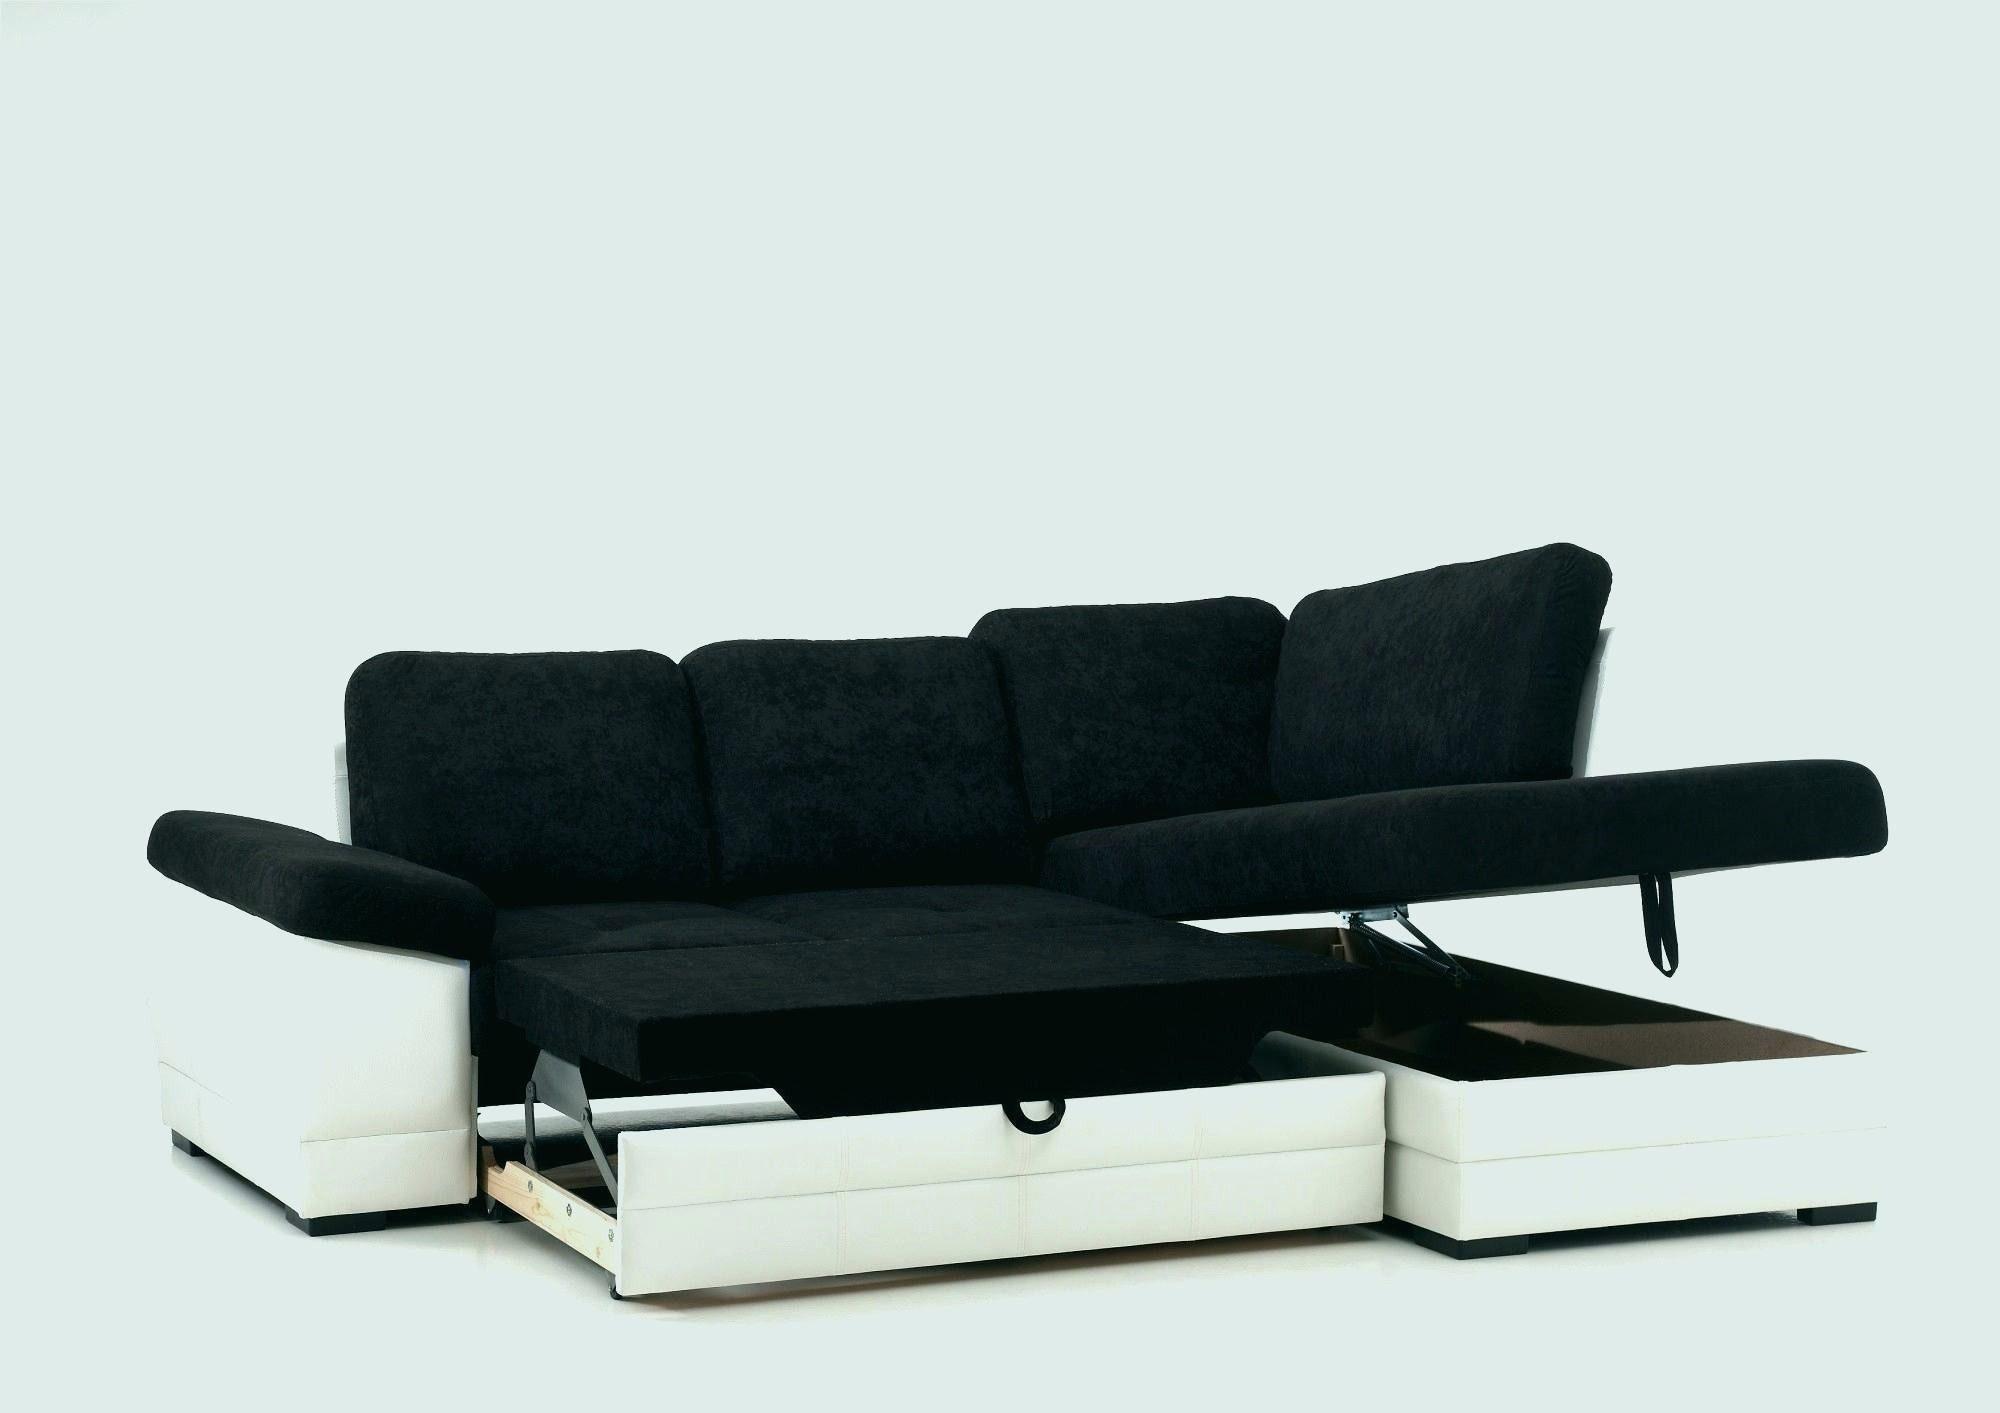 Matelas Pour Lit Articulé 2x70x190 Inspiré Chaise Bois Et Paille Archives Manuel Desica Designs 34 Haut